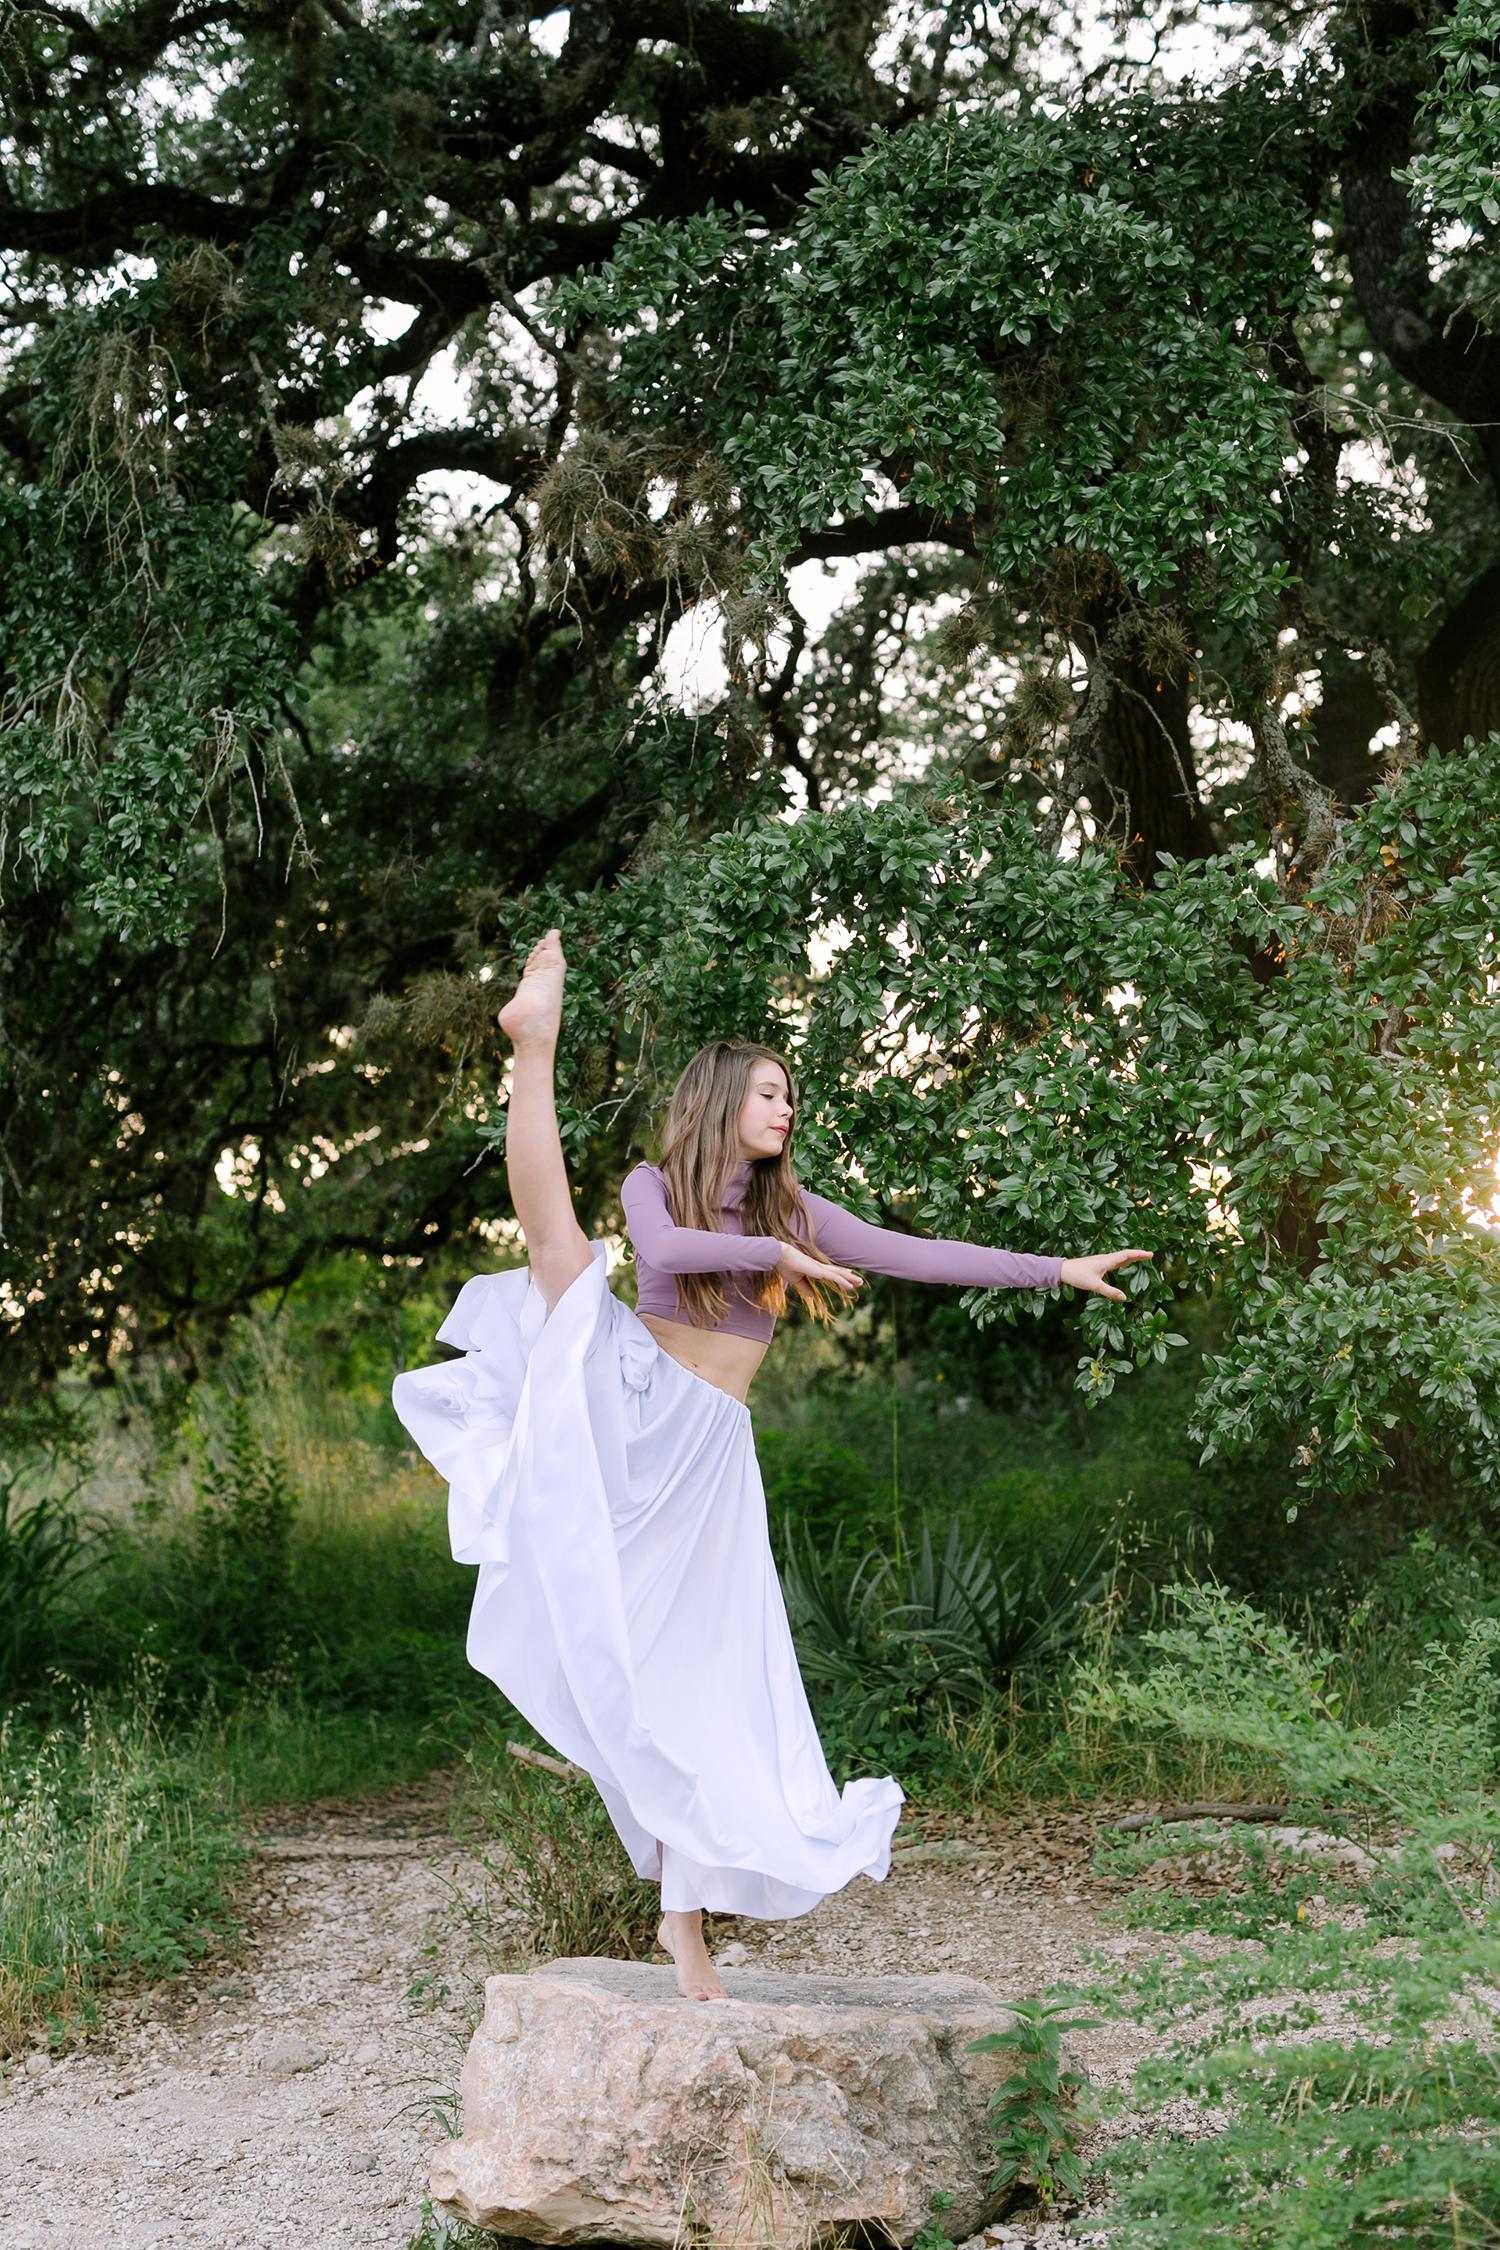 austin-dancer-teen-tween-portraits-kbp05.jpg